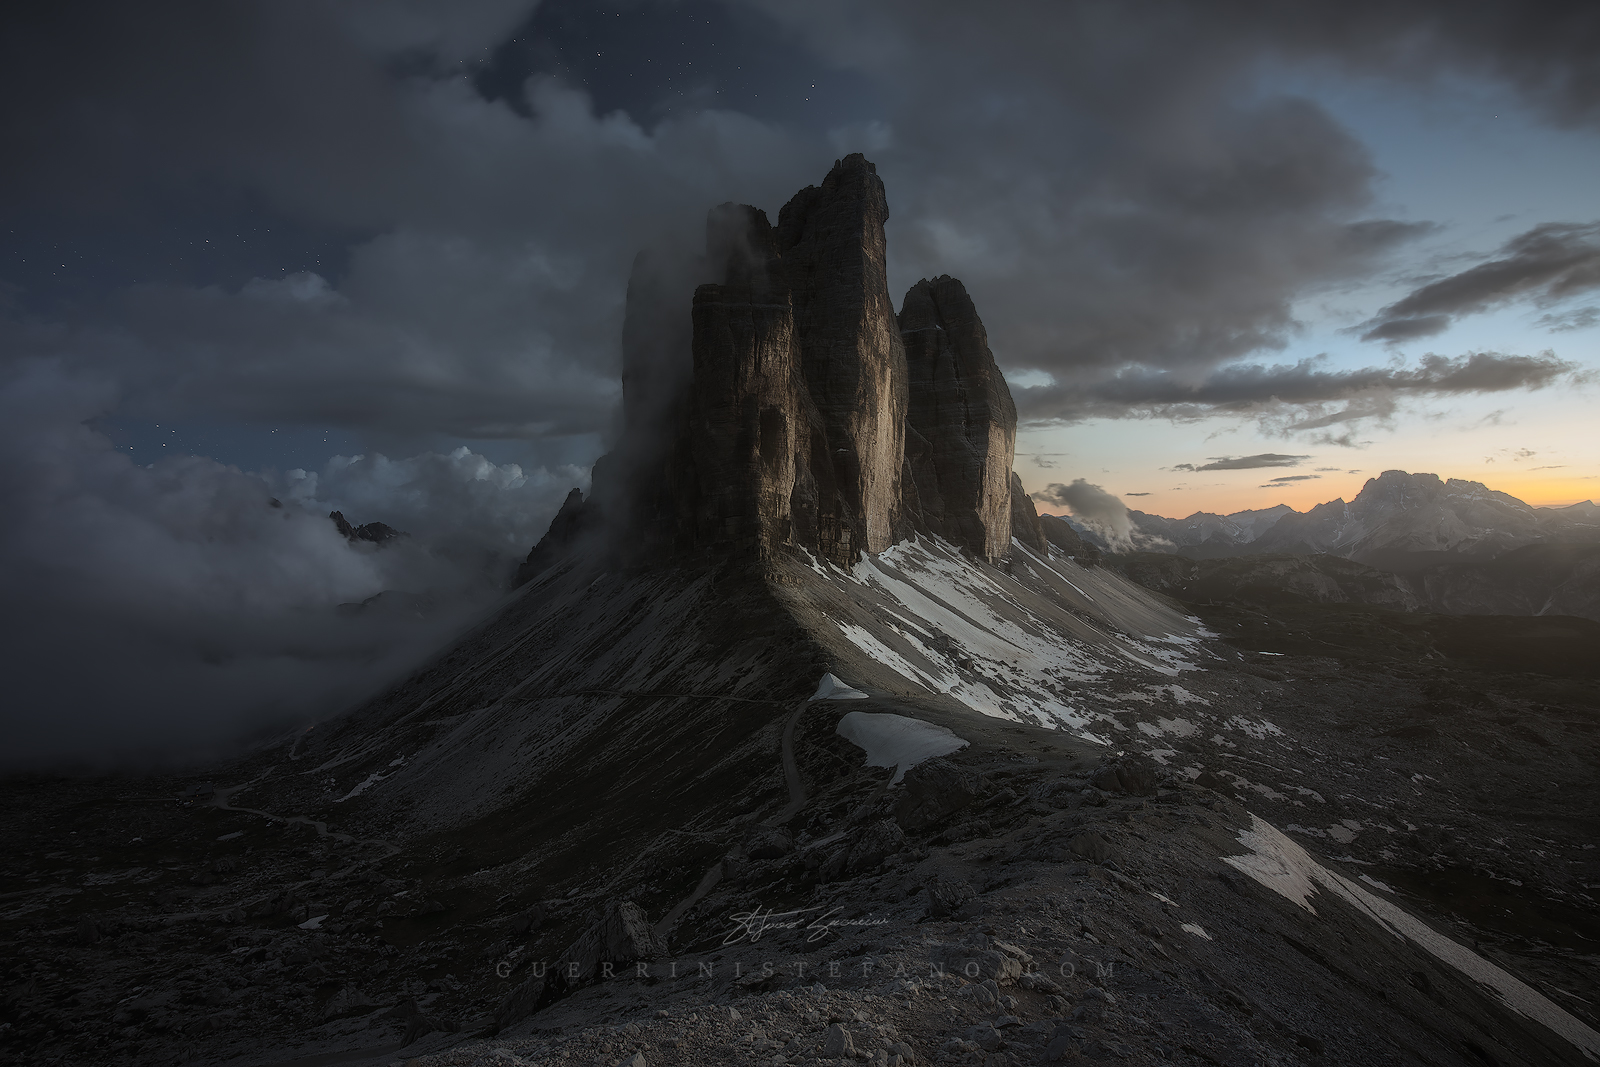 Blue Hour-Three peaks of Lavaredo...